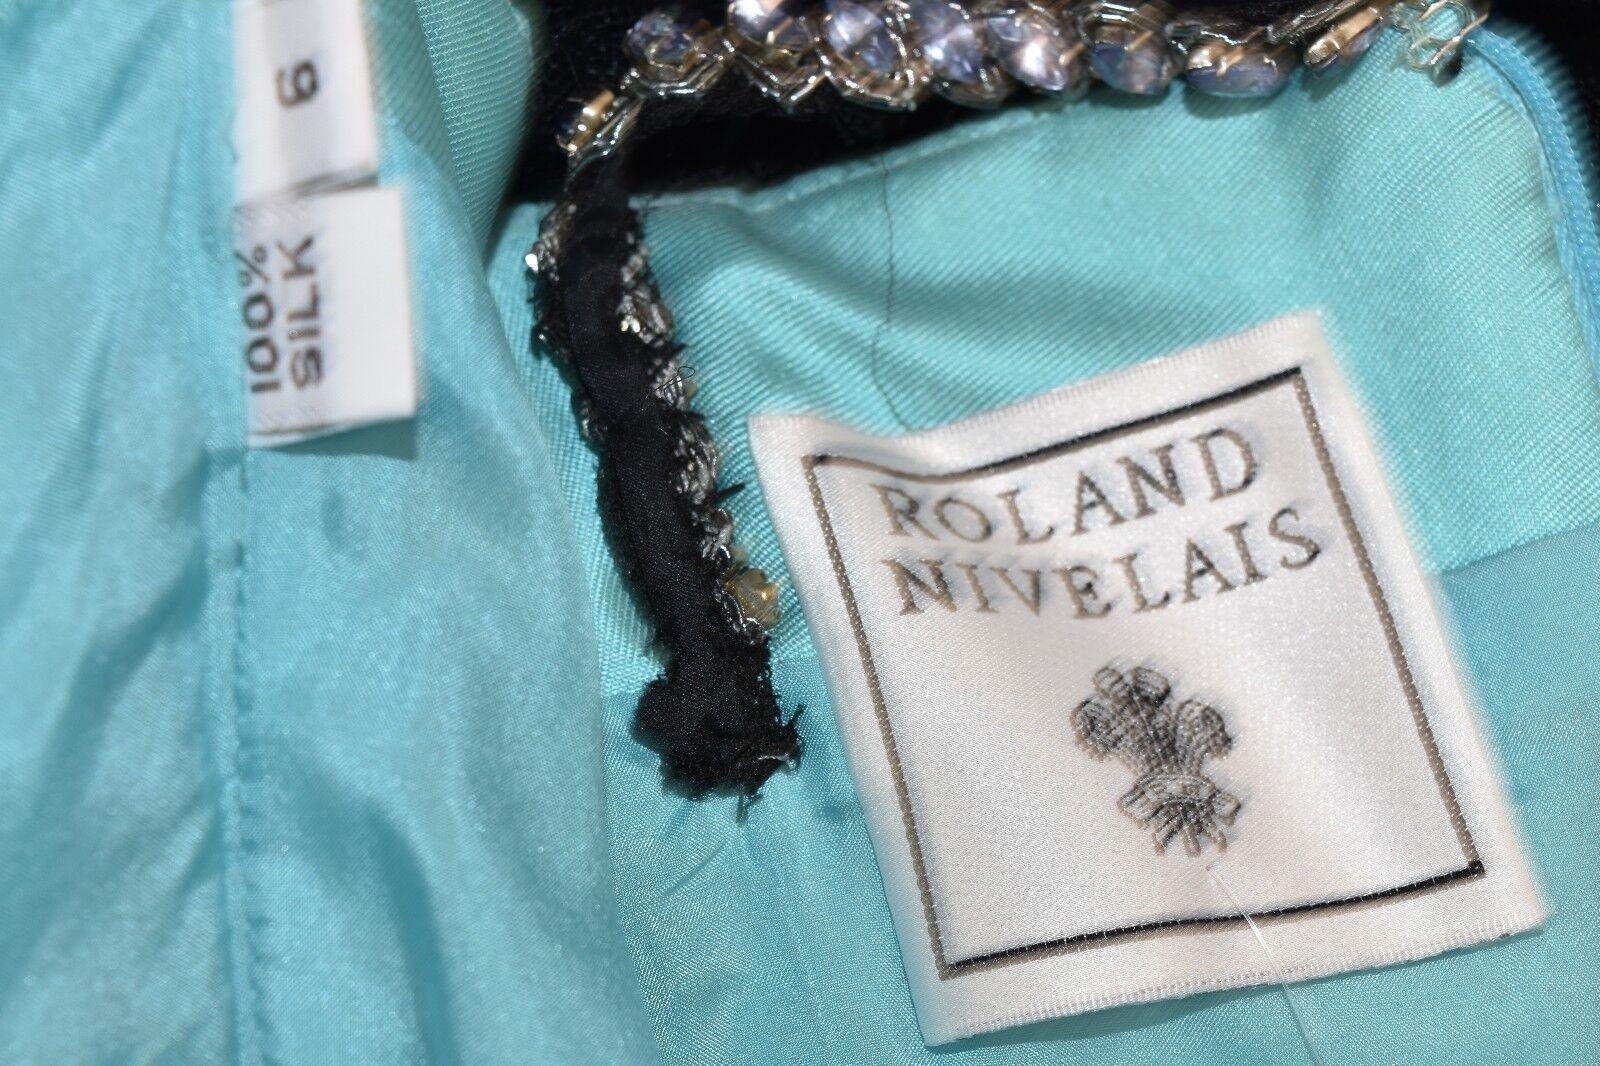 Neu Neu Neu Roland Nivelais Kristall Schmuck Seide Schwarz Grün Tüll Kleid 6 6badd5